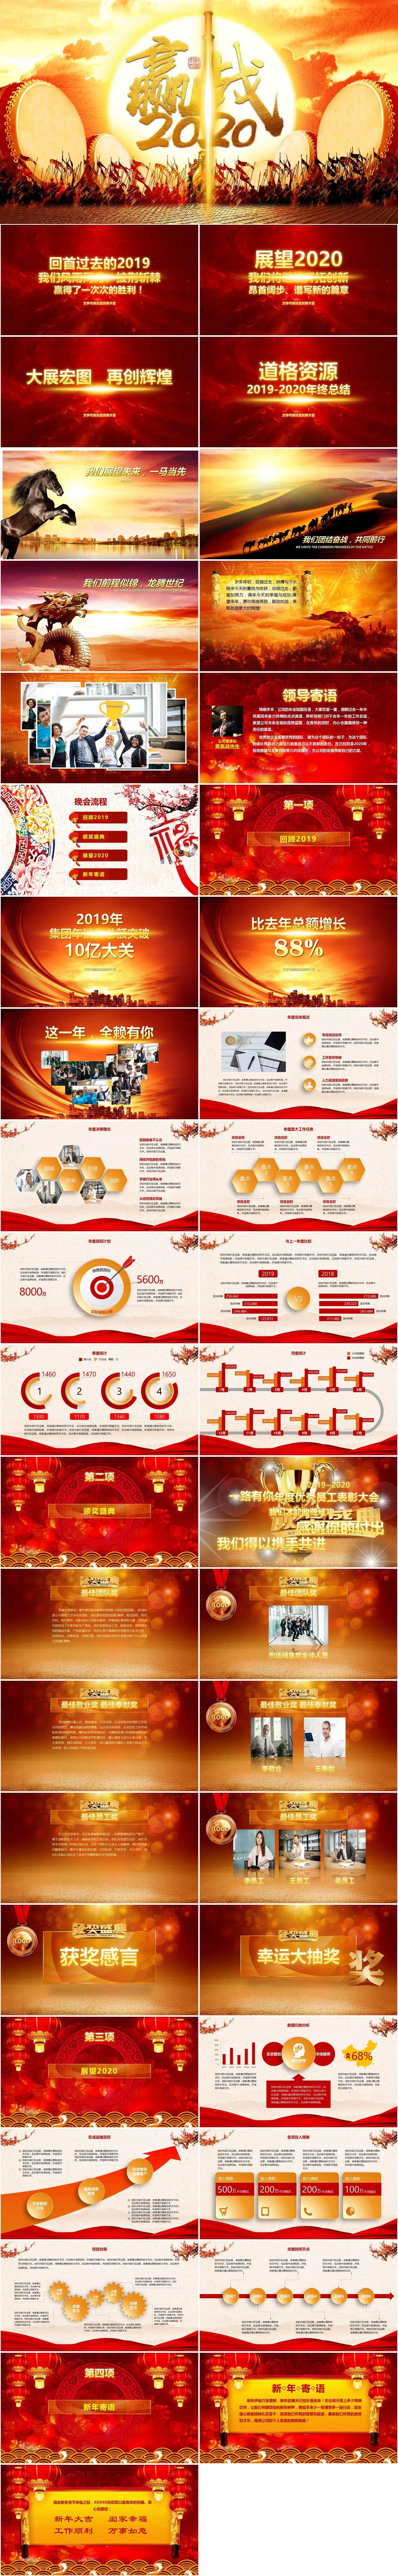 酷炫开场赢战2020企业年会颁奖典礼PPT模板插图1